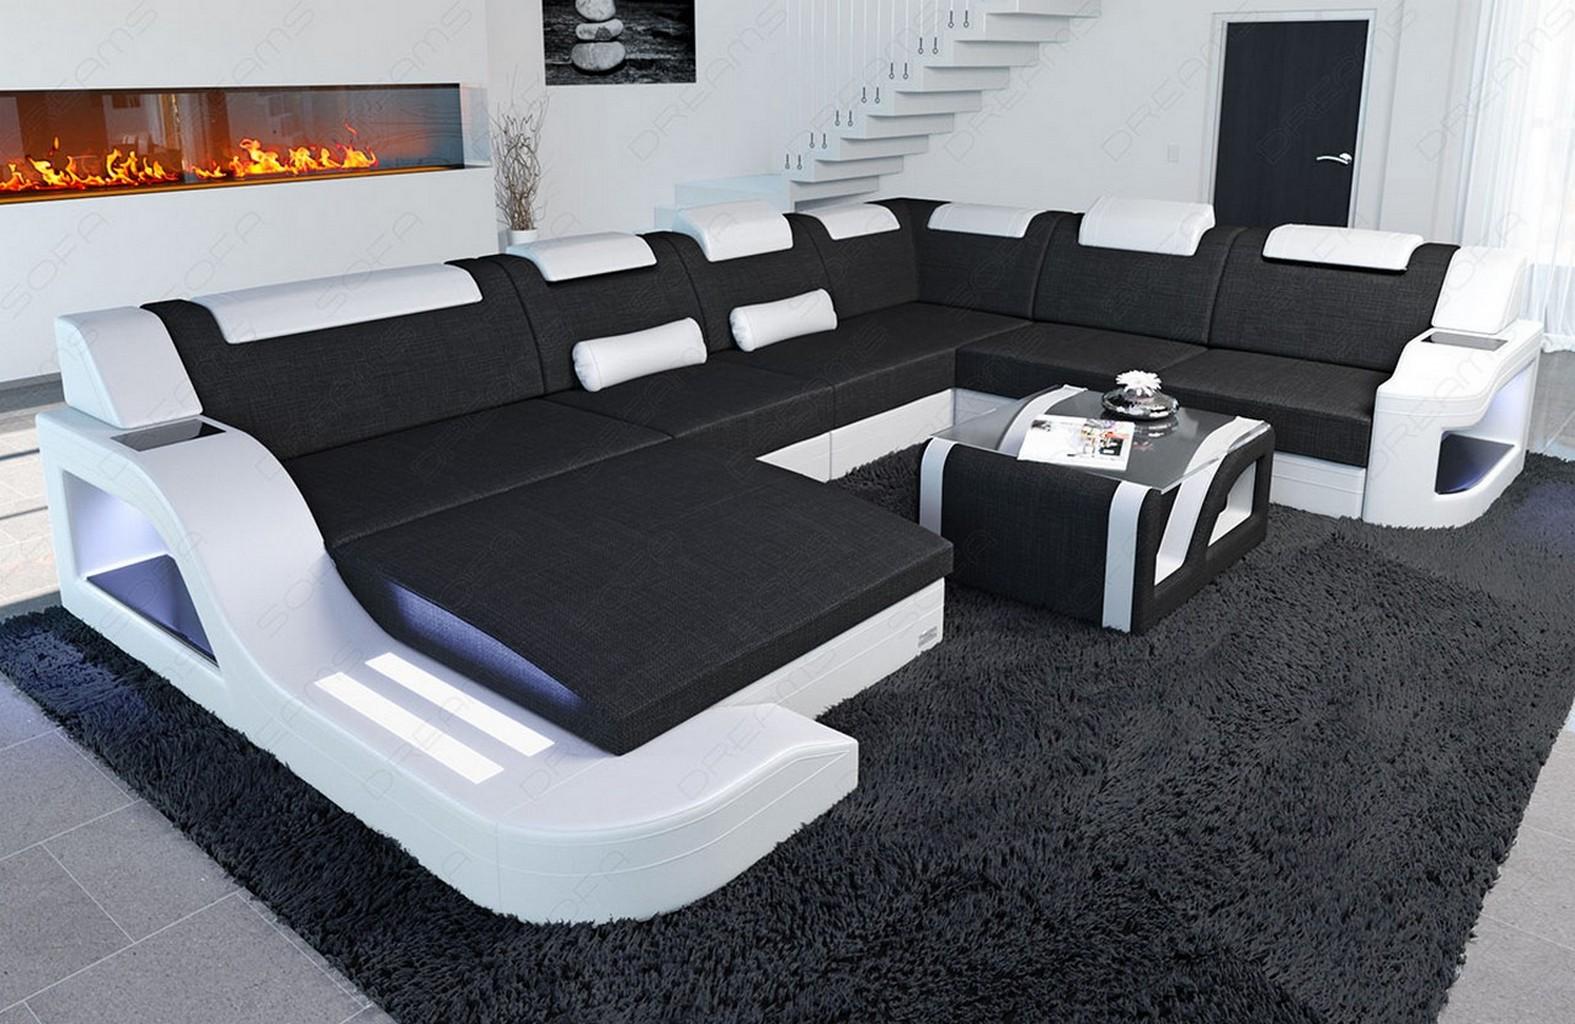 wohnlandschaft palermo xxl form stoffsofa design led. Black Bedroom Furniture Sets. Home Design Ideas